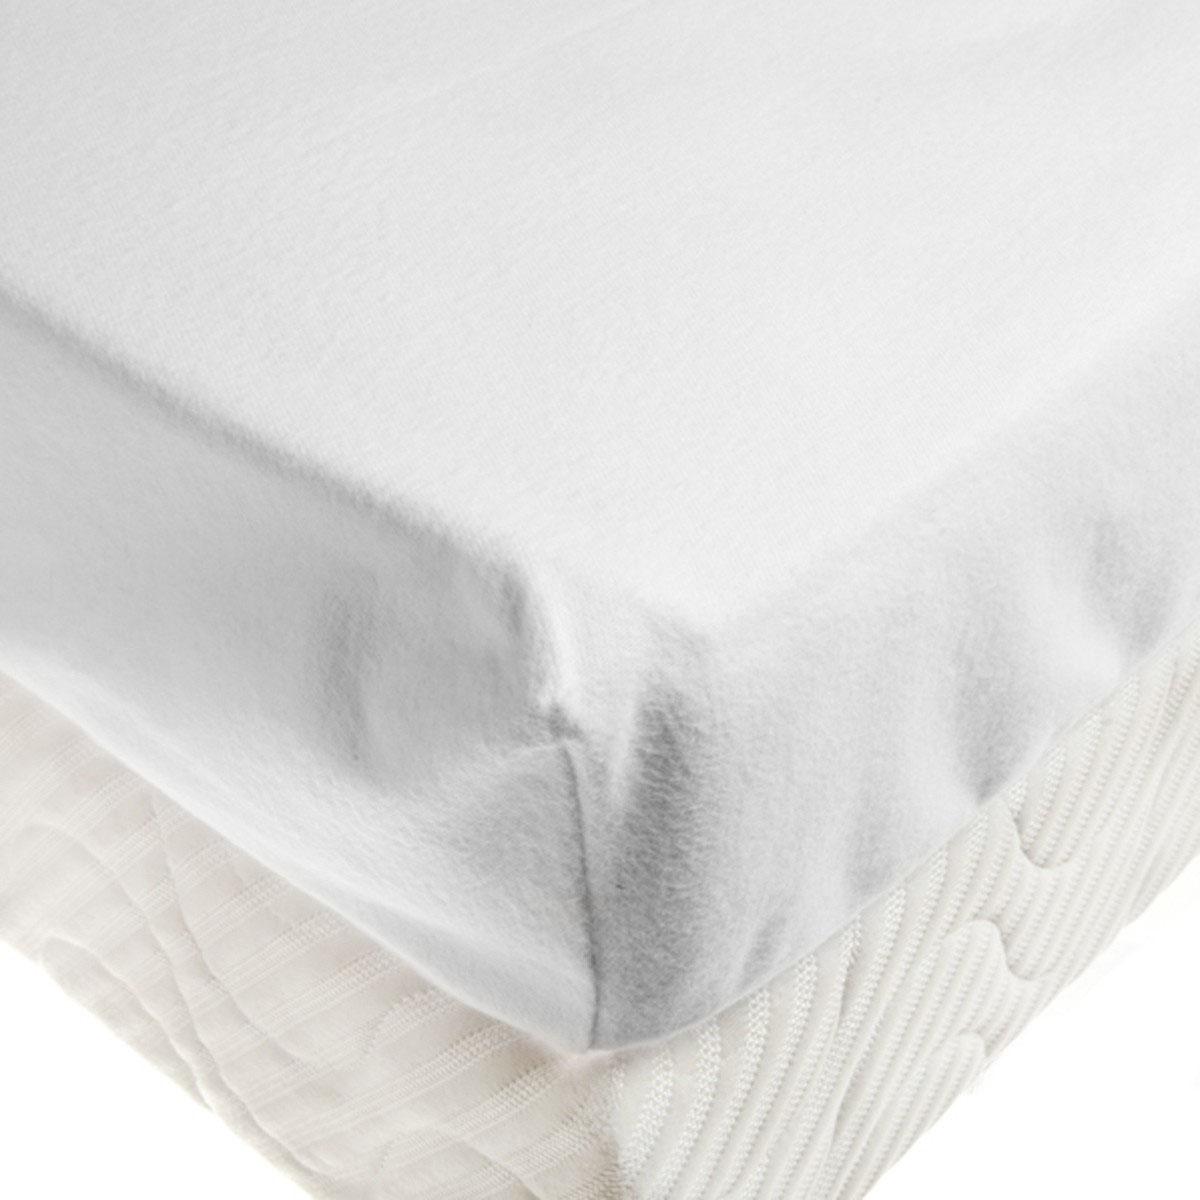 Protège-matelas en 100% coton bio blanc 90x190 cm